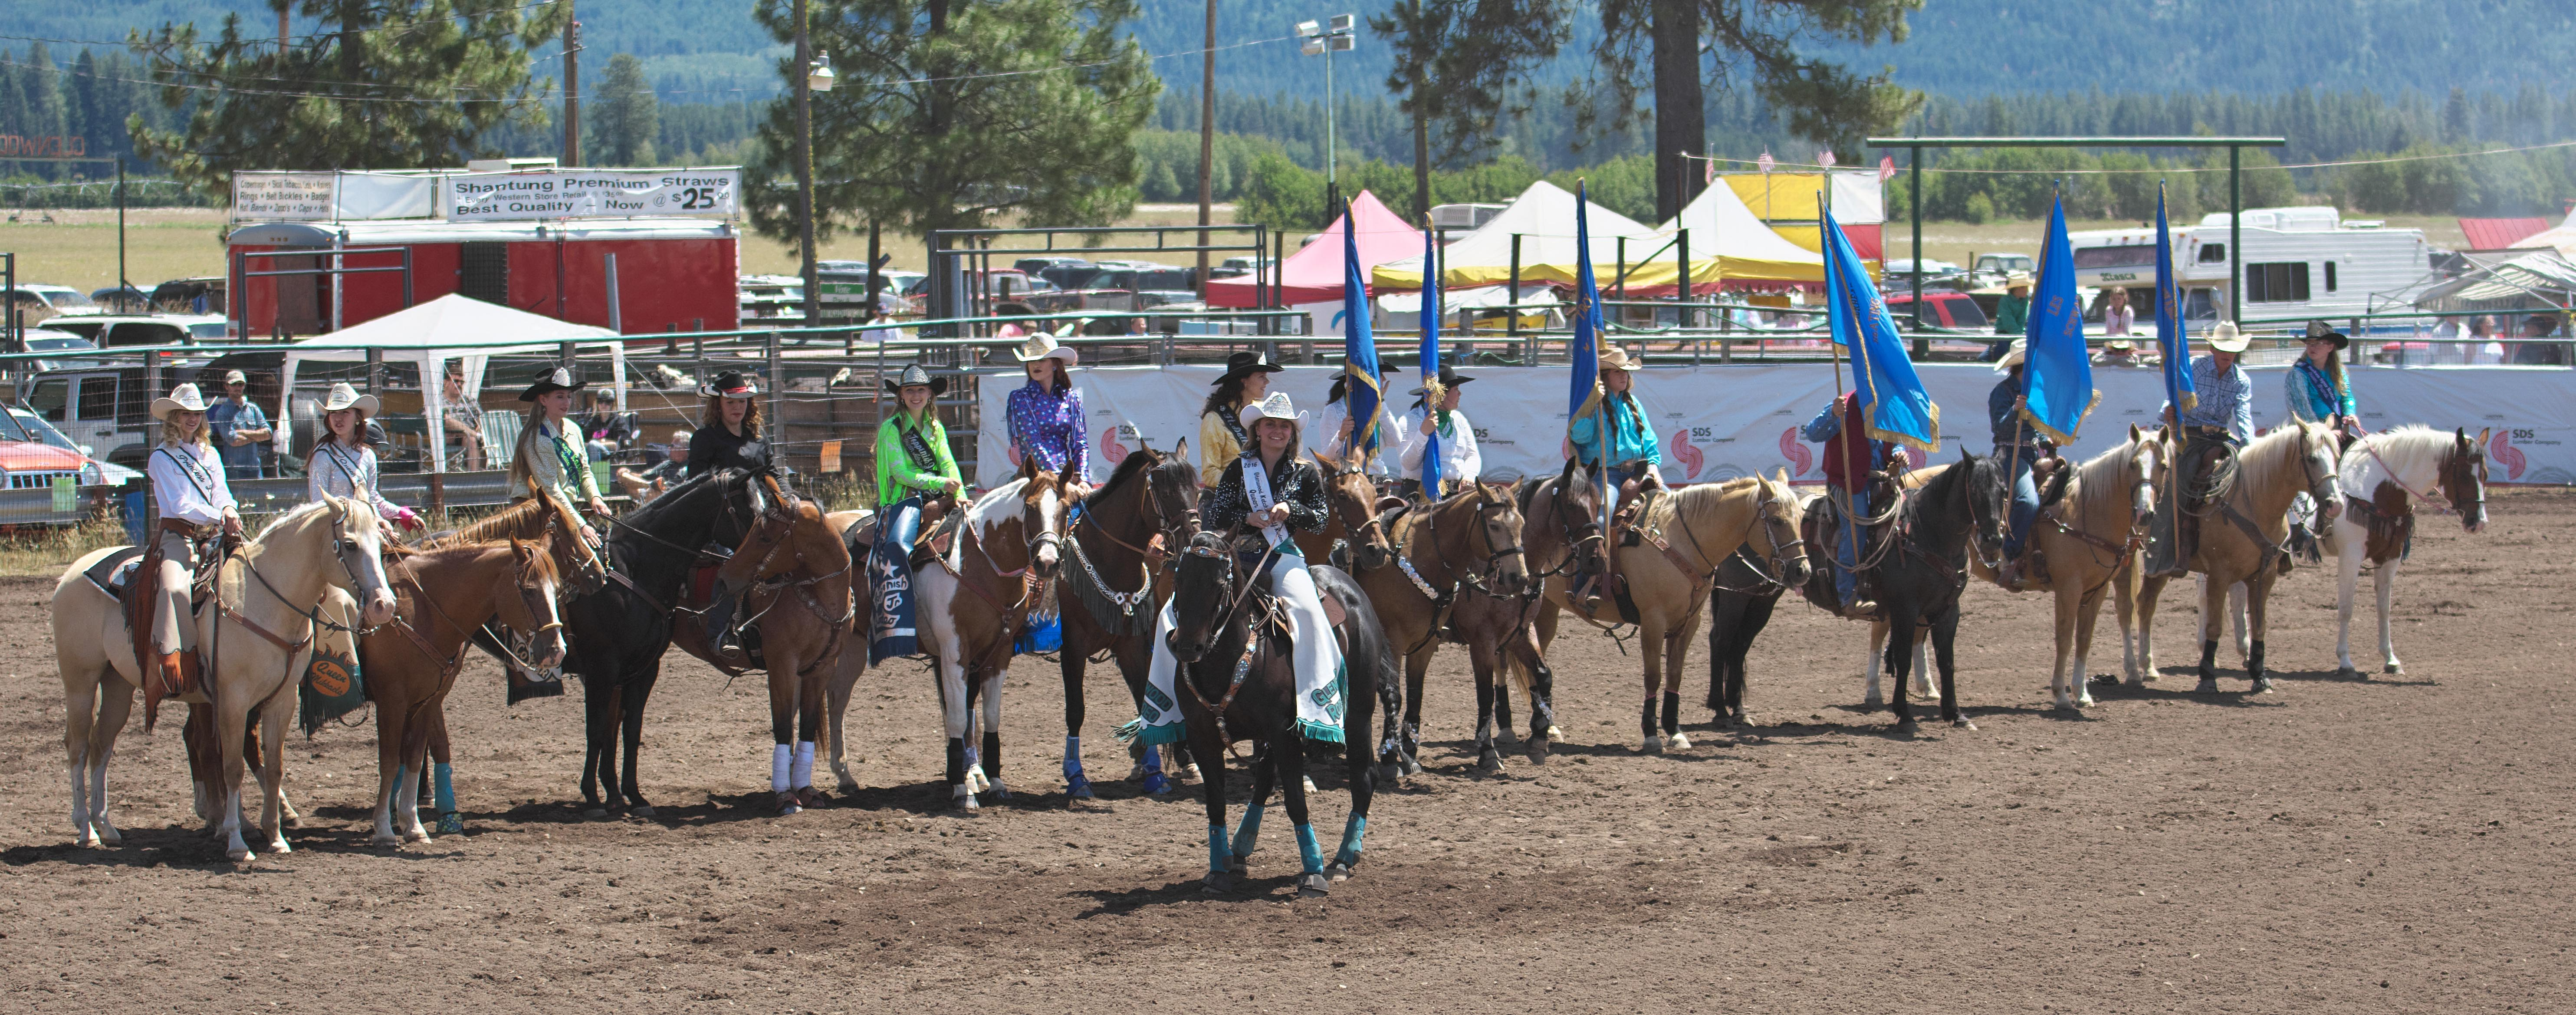 ワシントン州glenwood Ketchum Kalf Rodeo 2016 6 18 Amp 19 171 ポートランド日本人